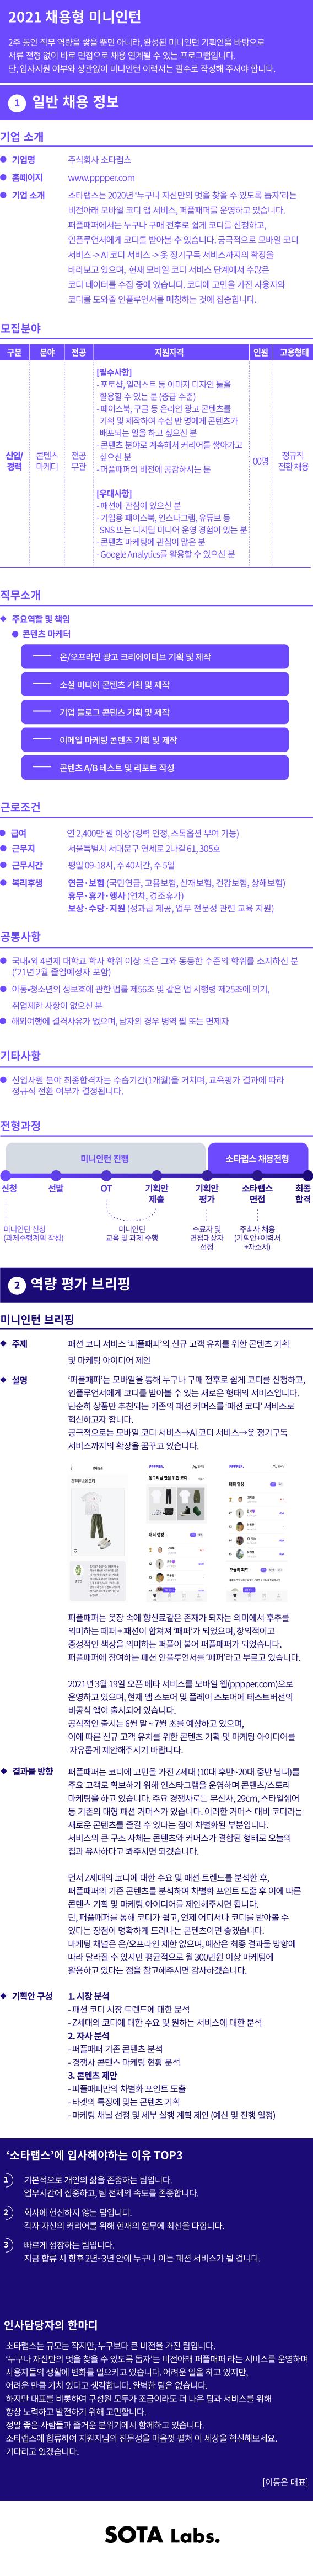 _랜딩페이지-작업_운영팀-작업용(수정).png